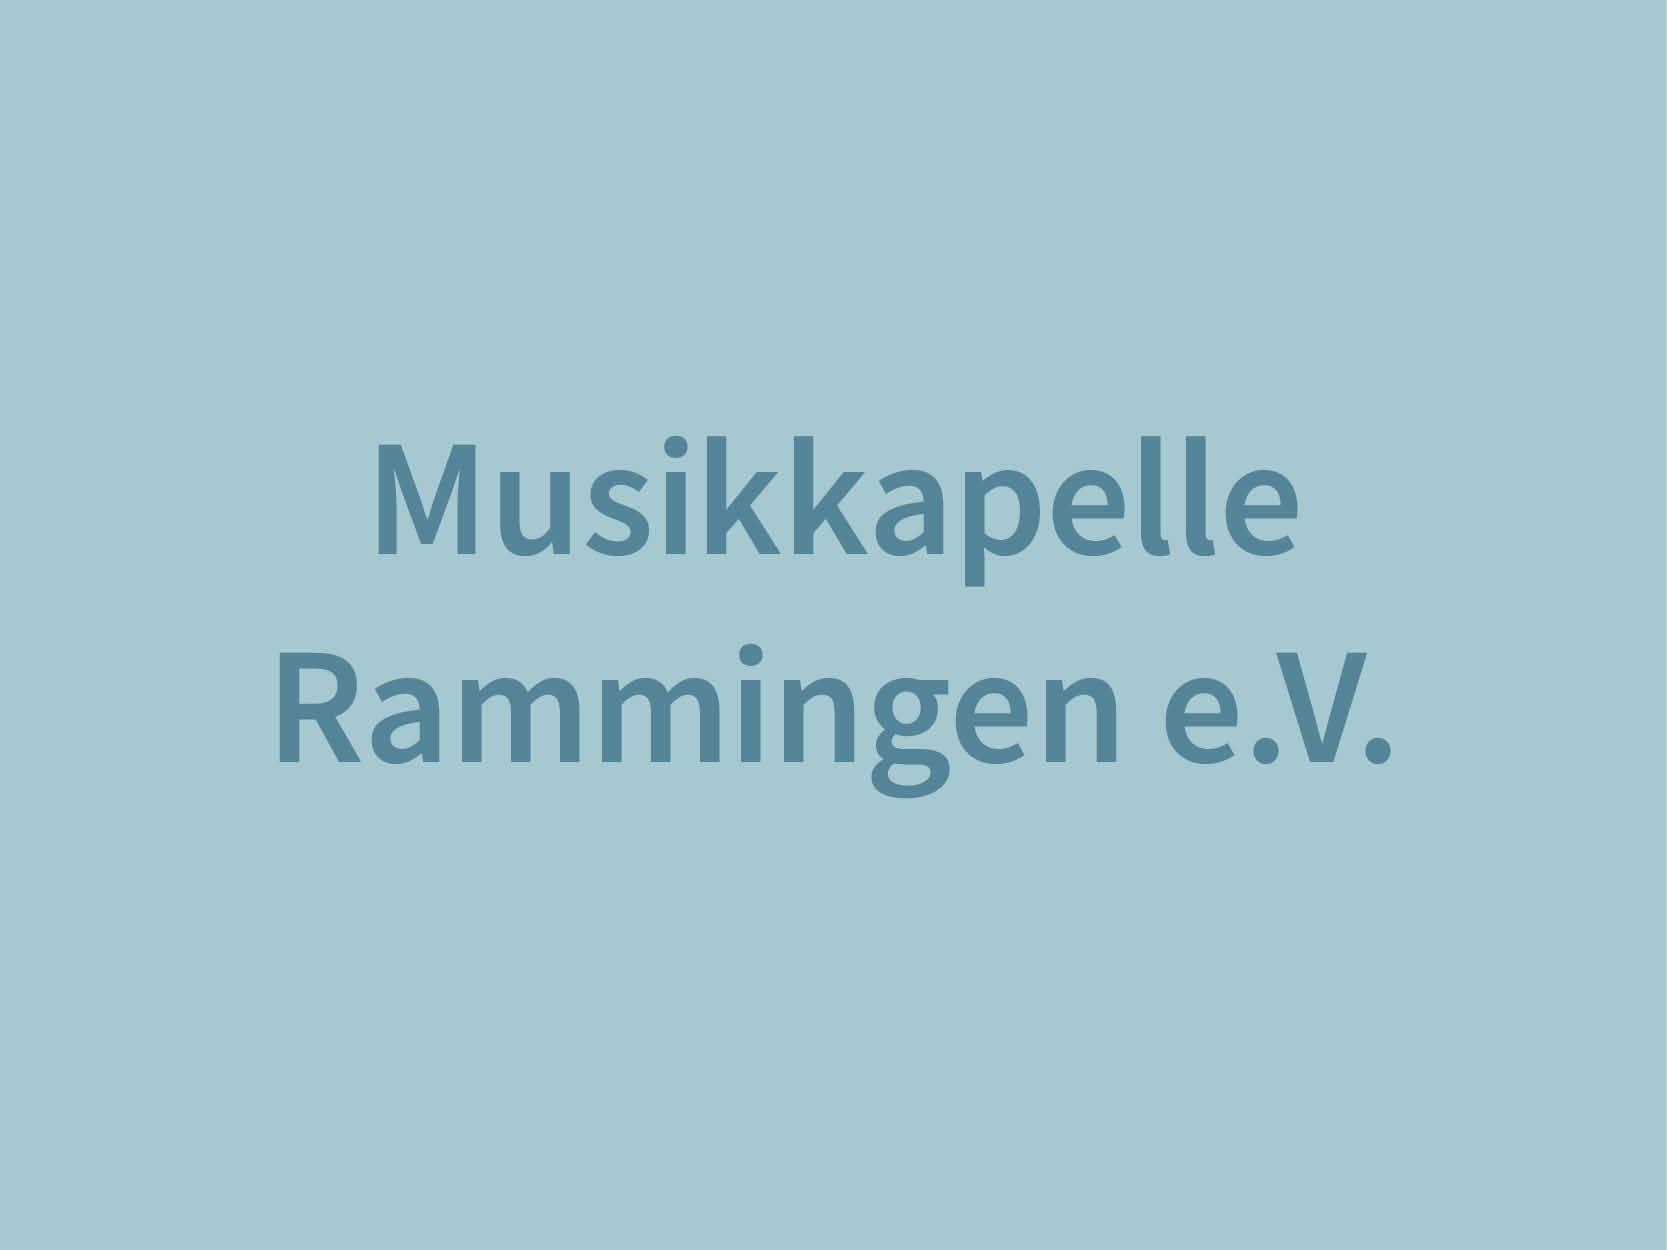 Musikkapelle Rammingen e.V.